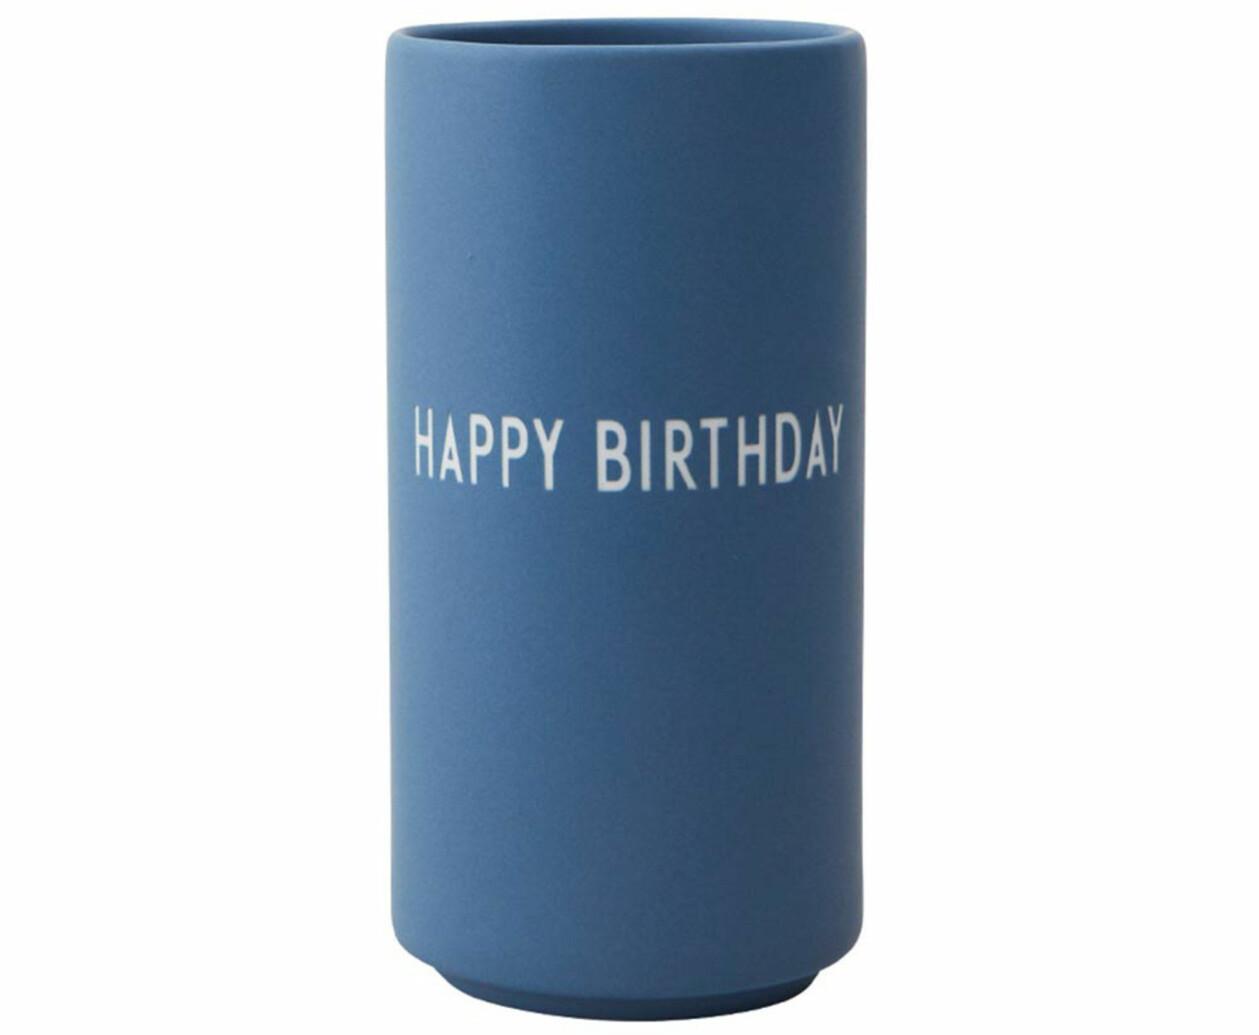 Blå vas med print Happy Birthday, från Design Letters